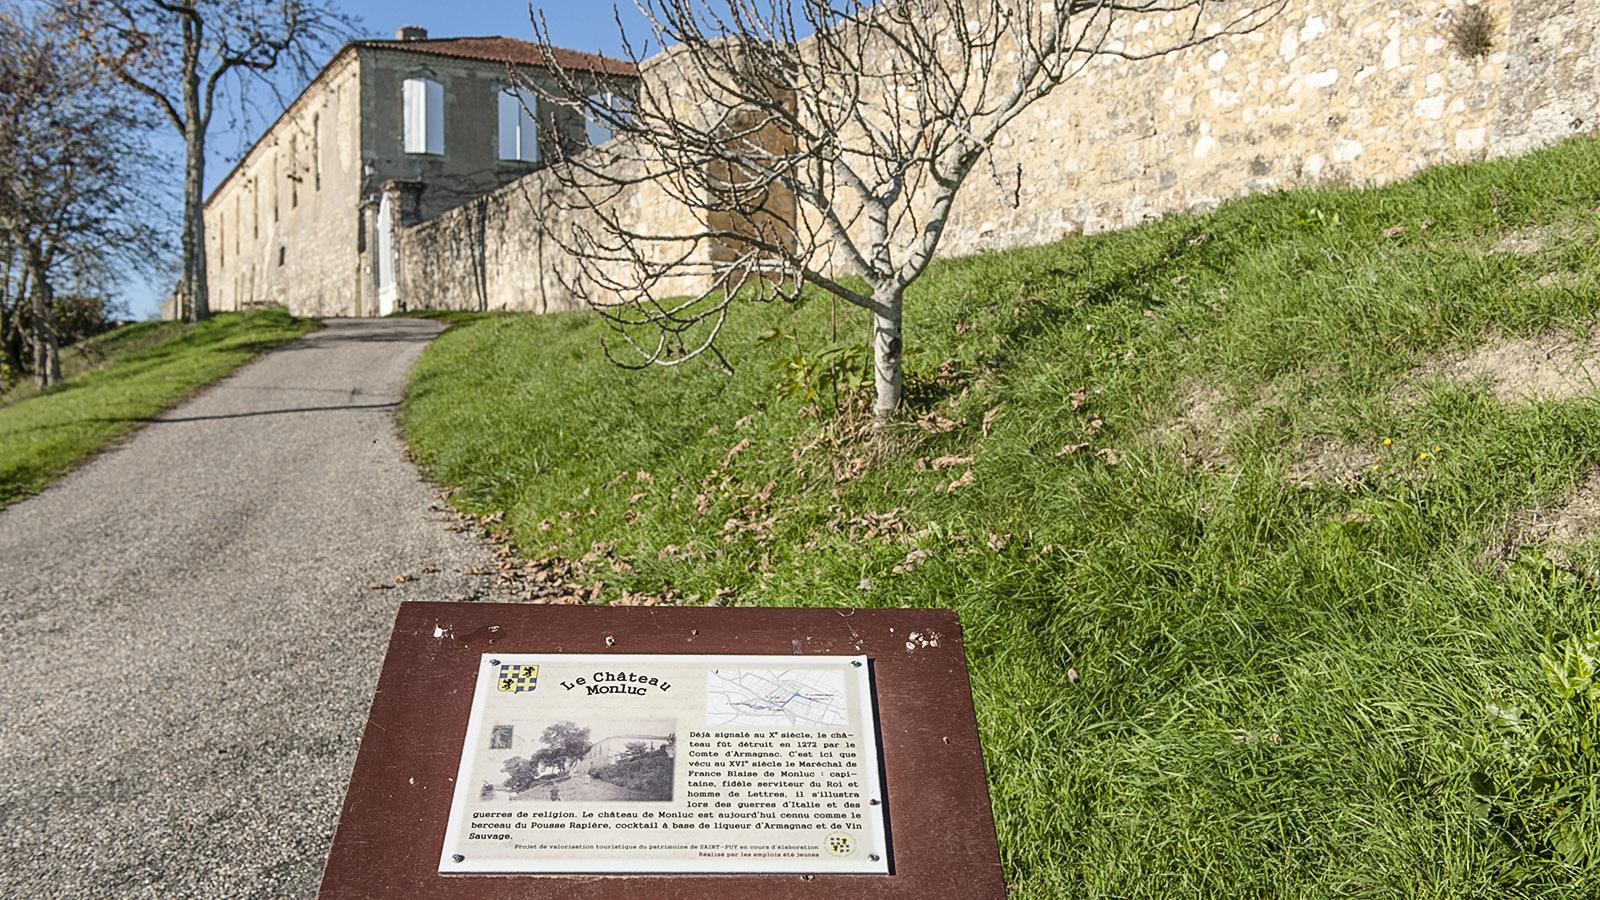 Saint-Puy: Château de Monluc. Foto: Hilke Maunder